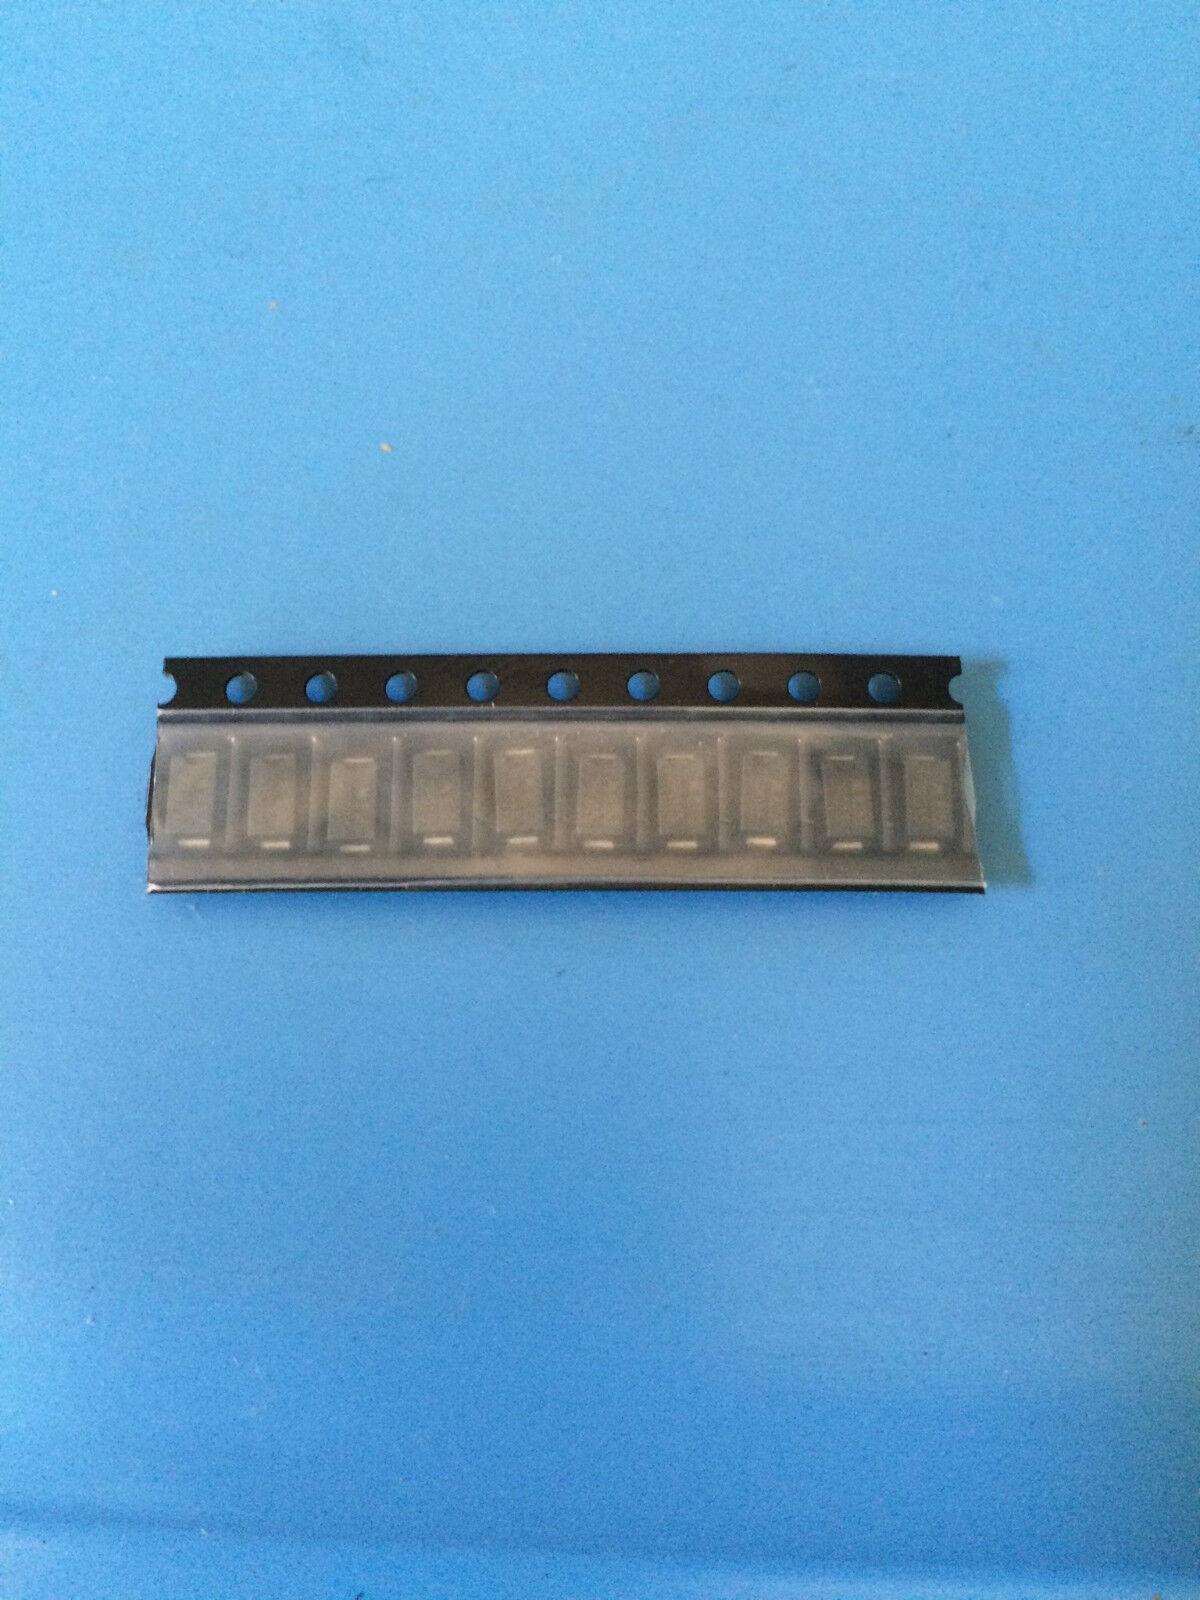 Râpe Avion fichier 145 mm MDF bois fibre de verre Ply Outil à main plastique Bateau Cadre de porte